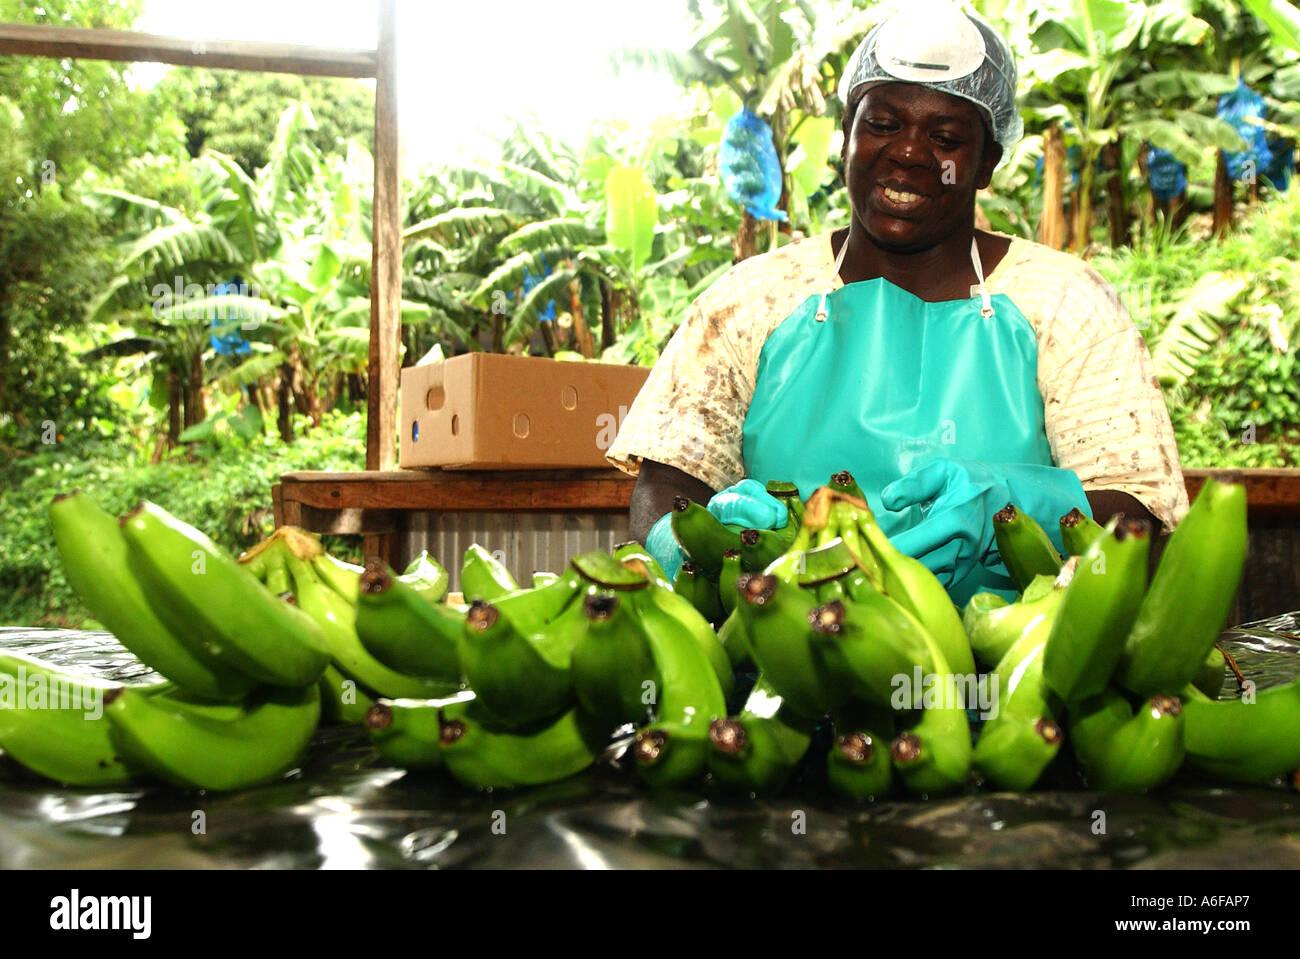 Pesatura di lavaggio e imballaggio per ottenere il Fairtrade banane pronte per la spedizione Immagini Stock